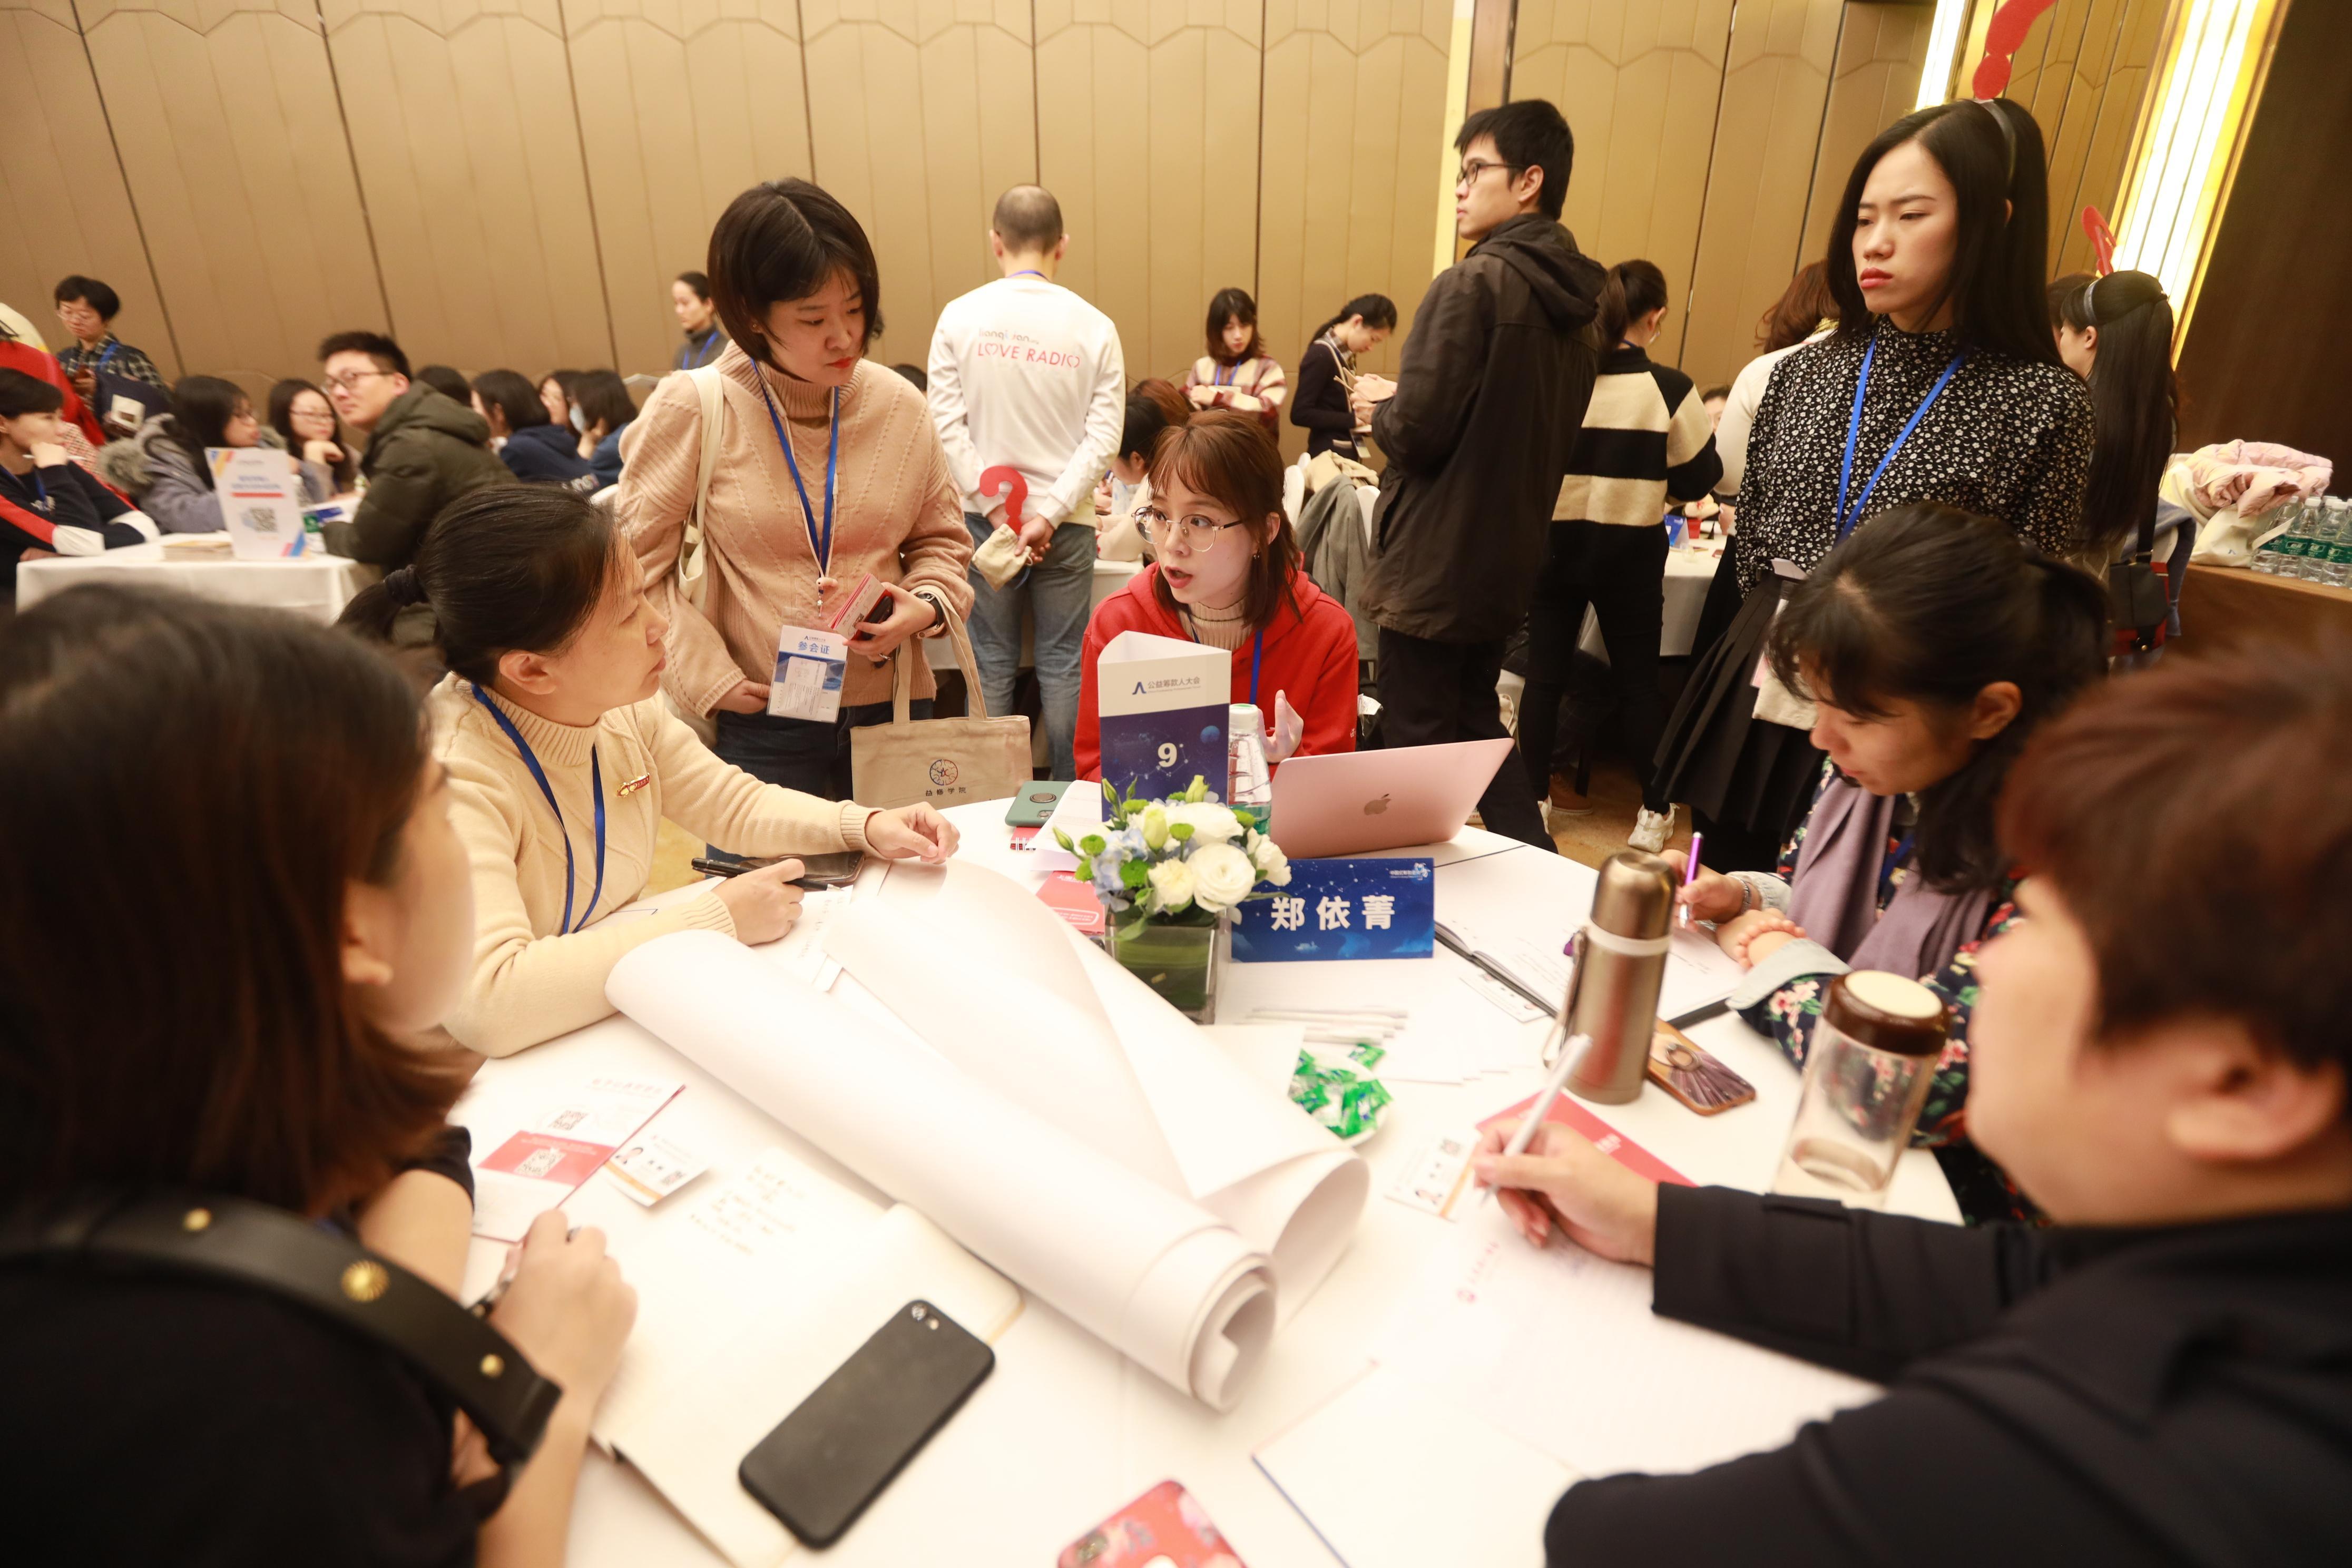 机构动态丨上海联劝公益基金会在筹款人大会